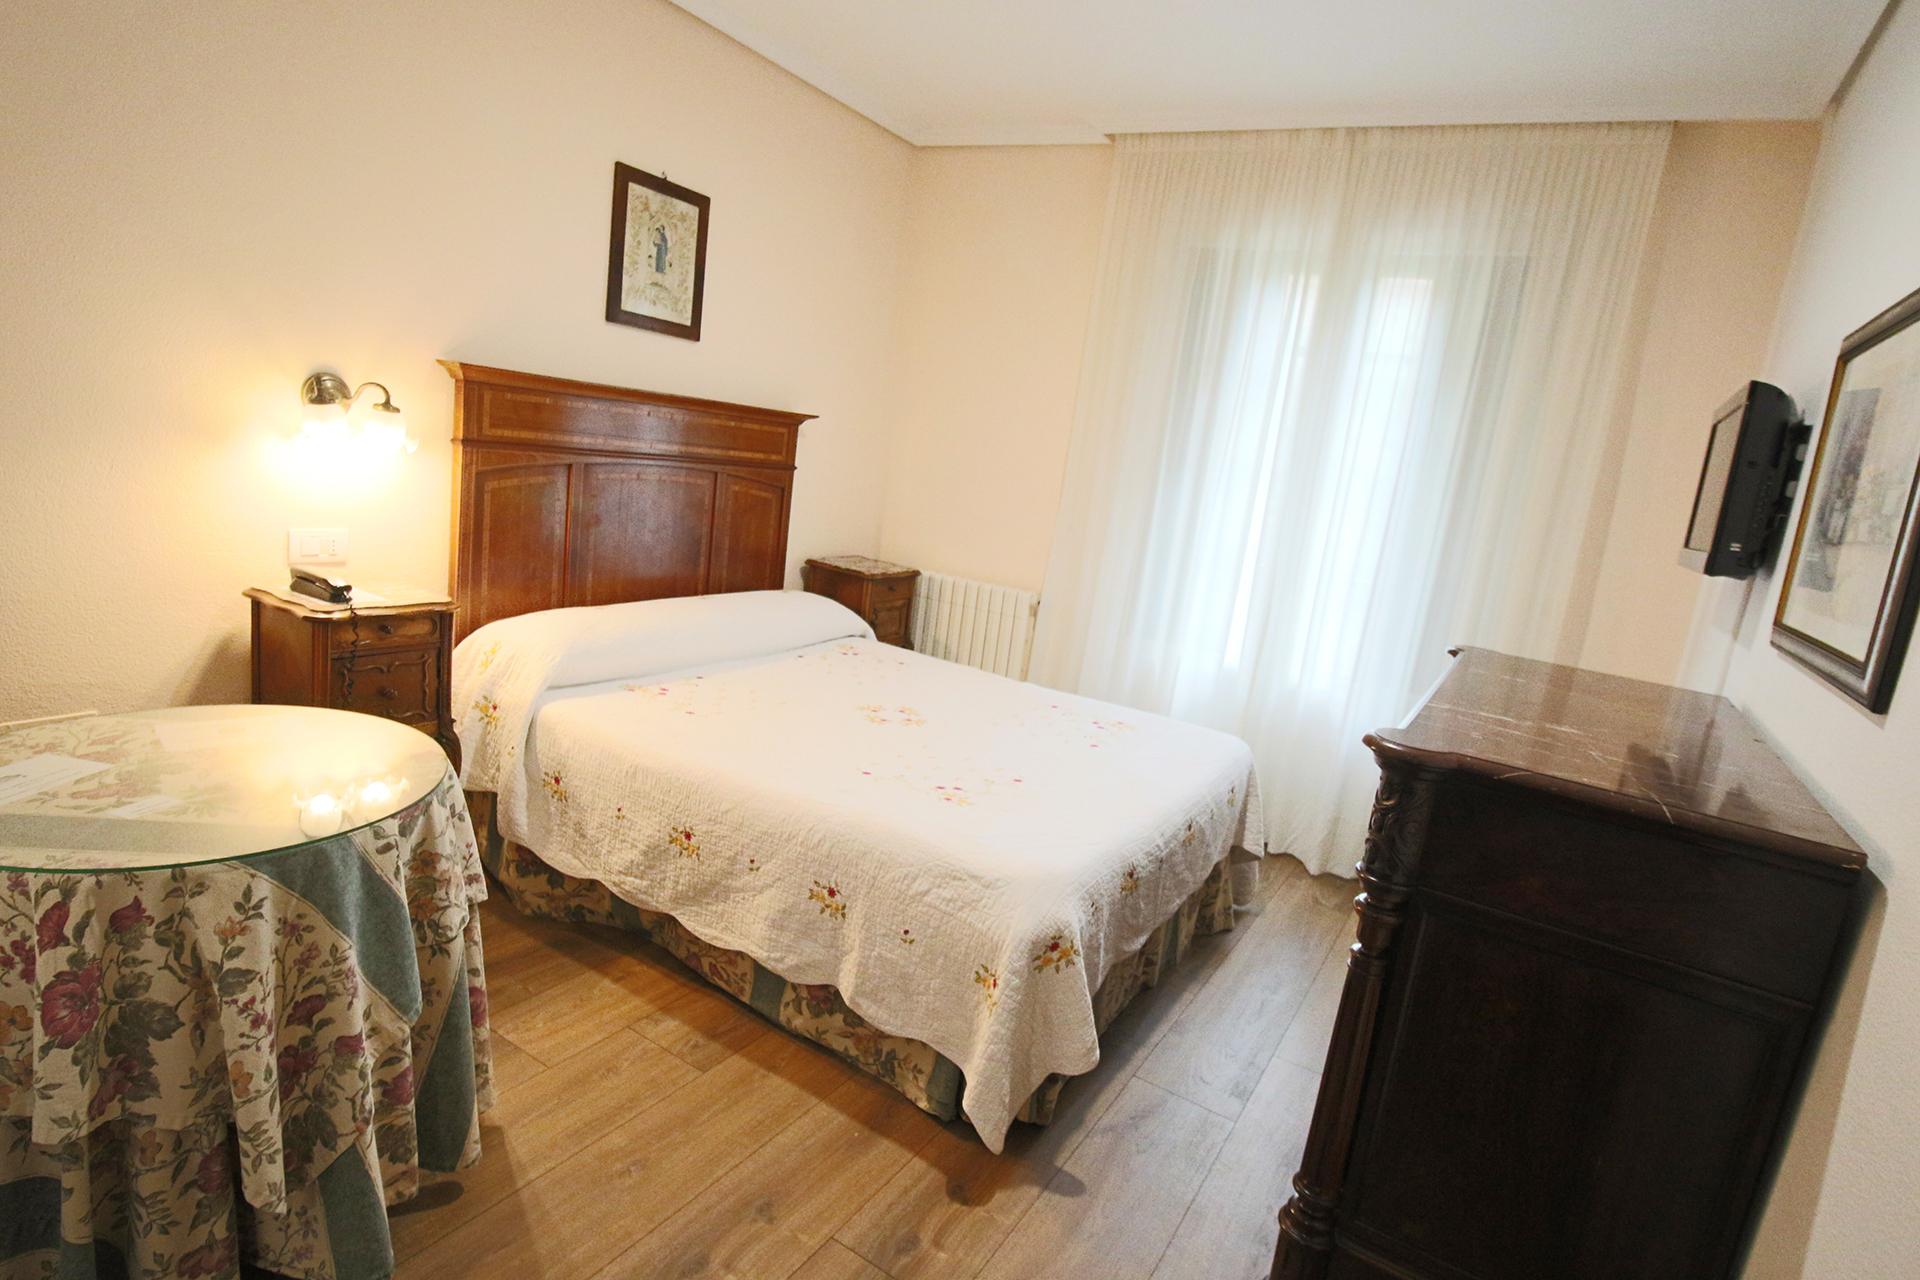 hotel_santillana_habitacion